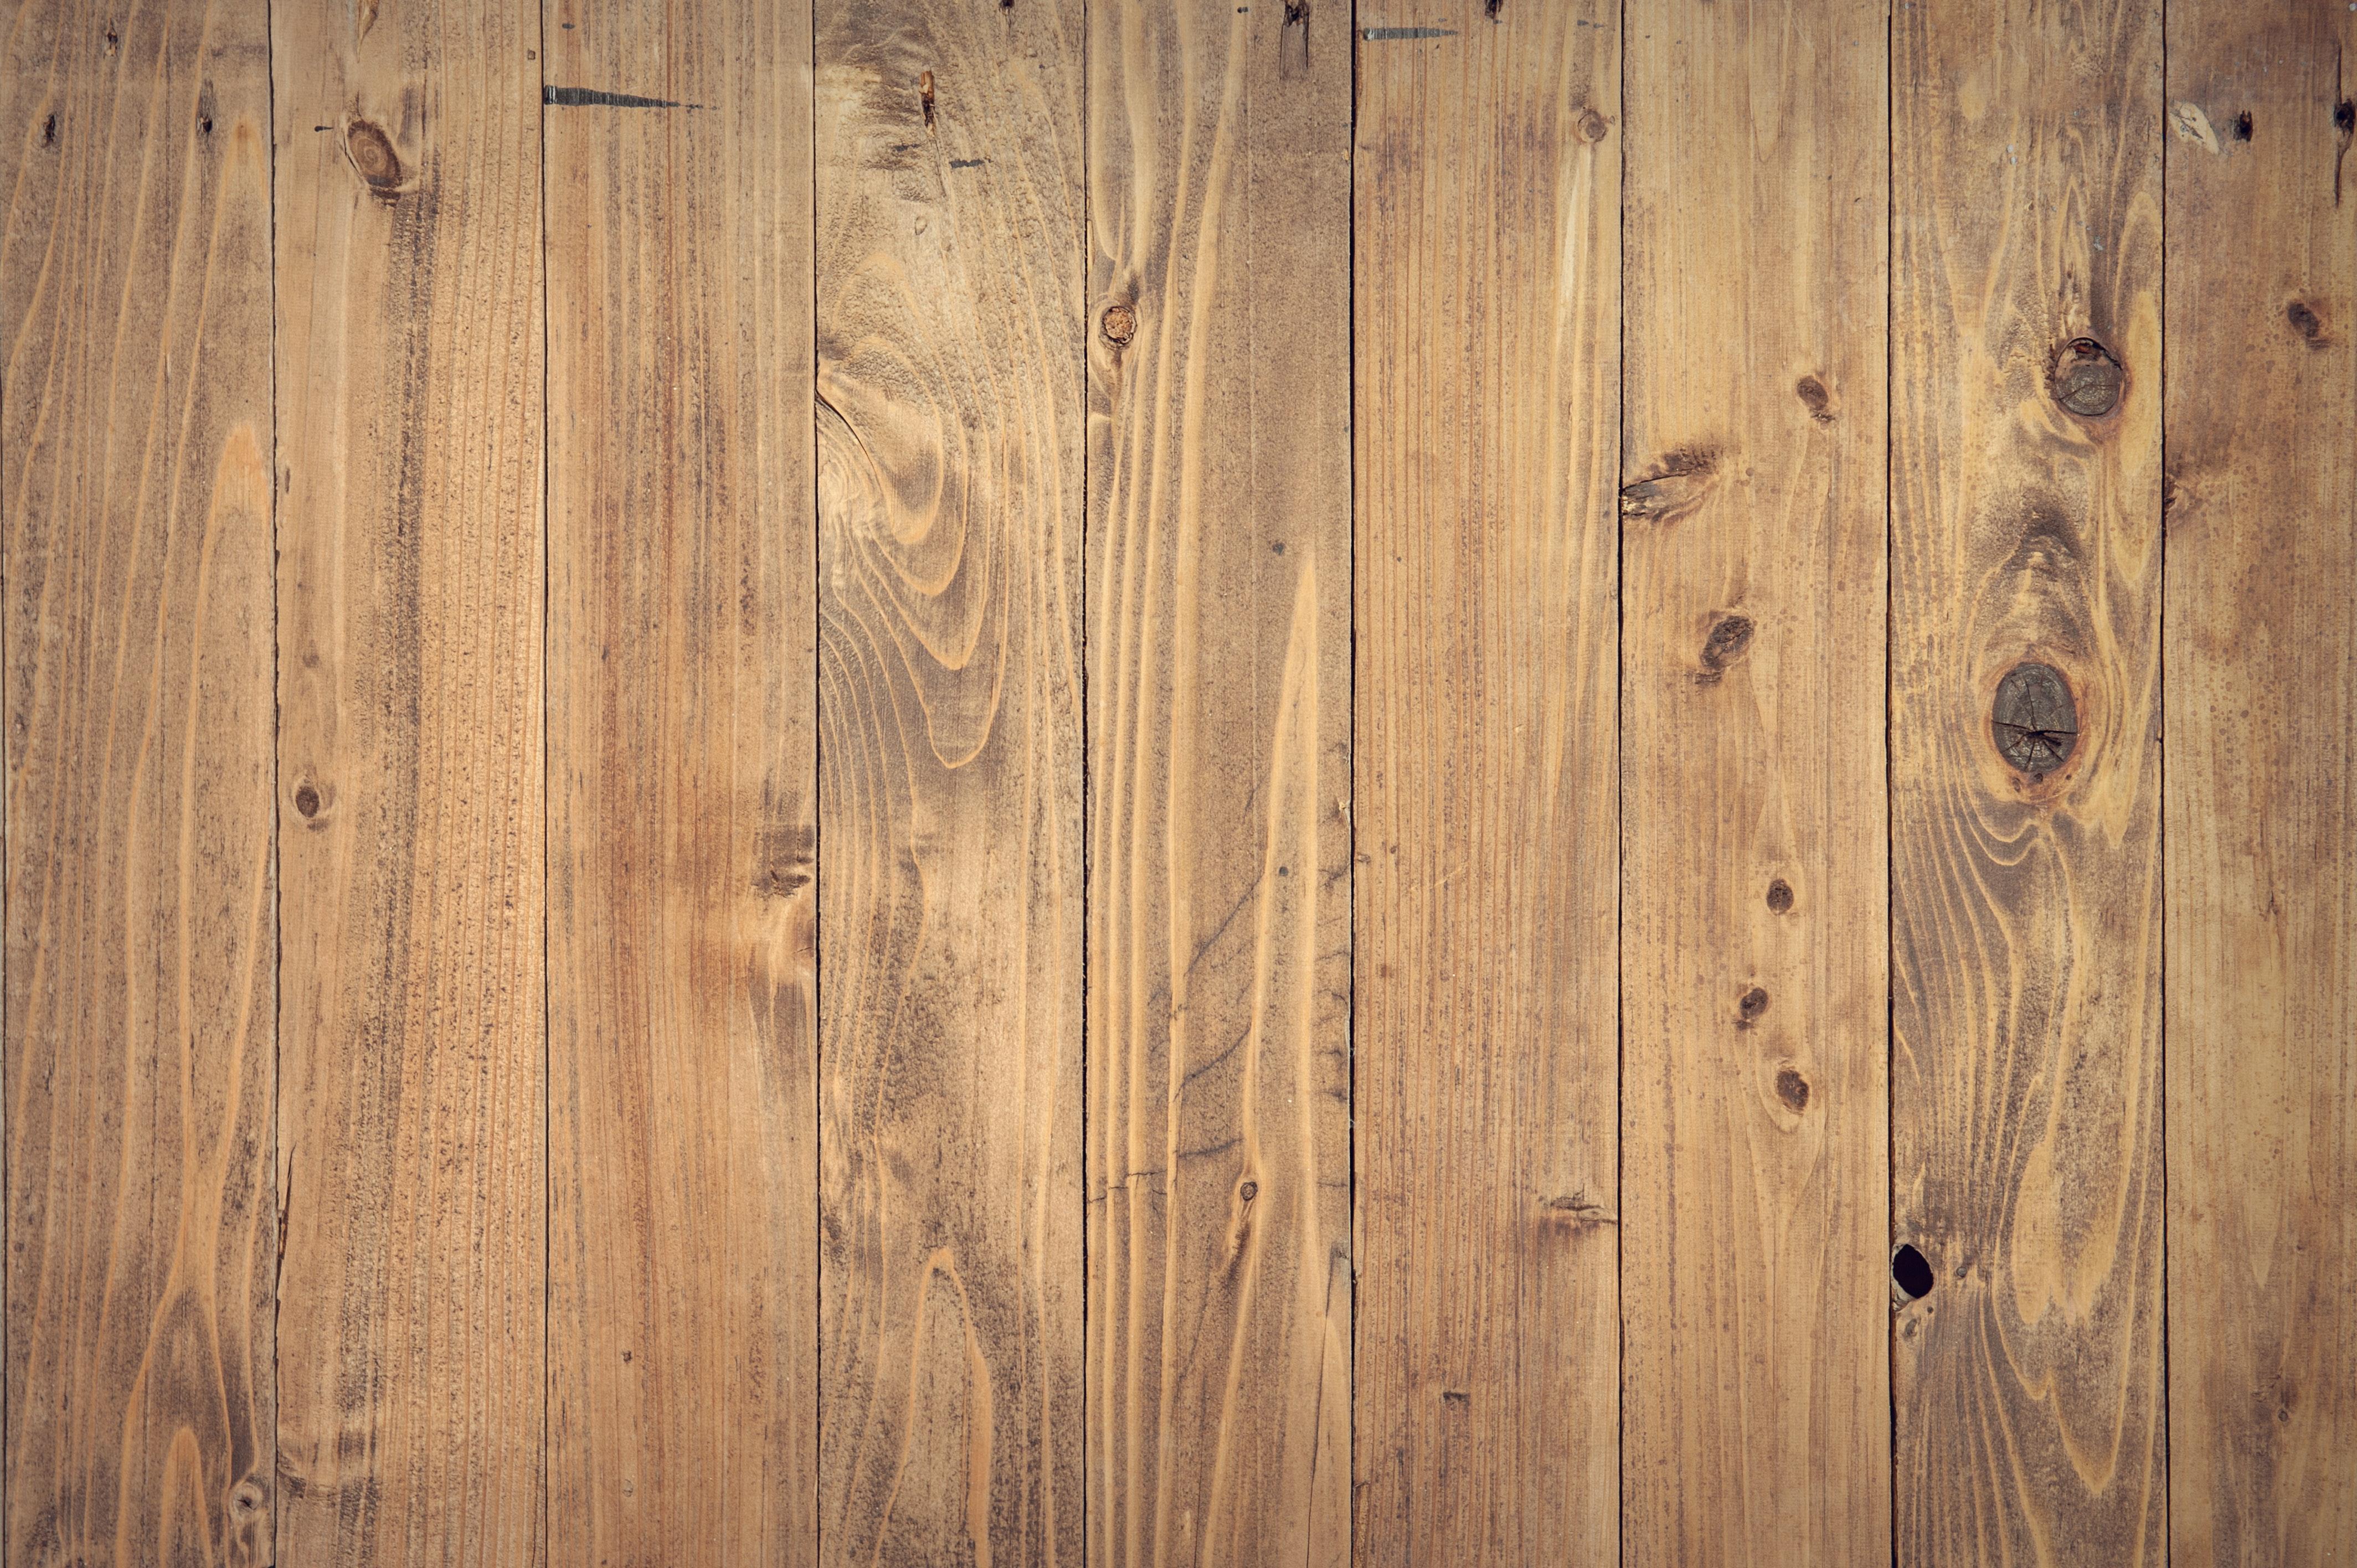 1000+ Holz Hintergrund Fotos u00b7 Pexels u00b7 Kostenlose Stock Fotos